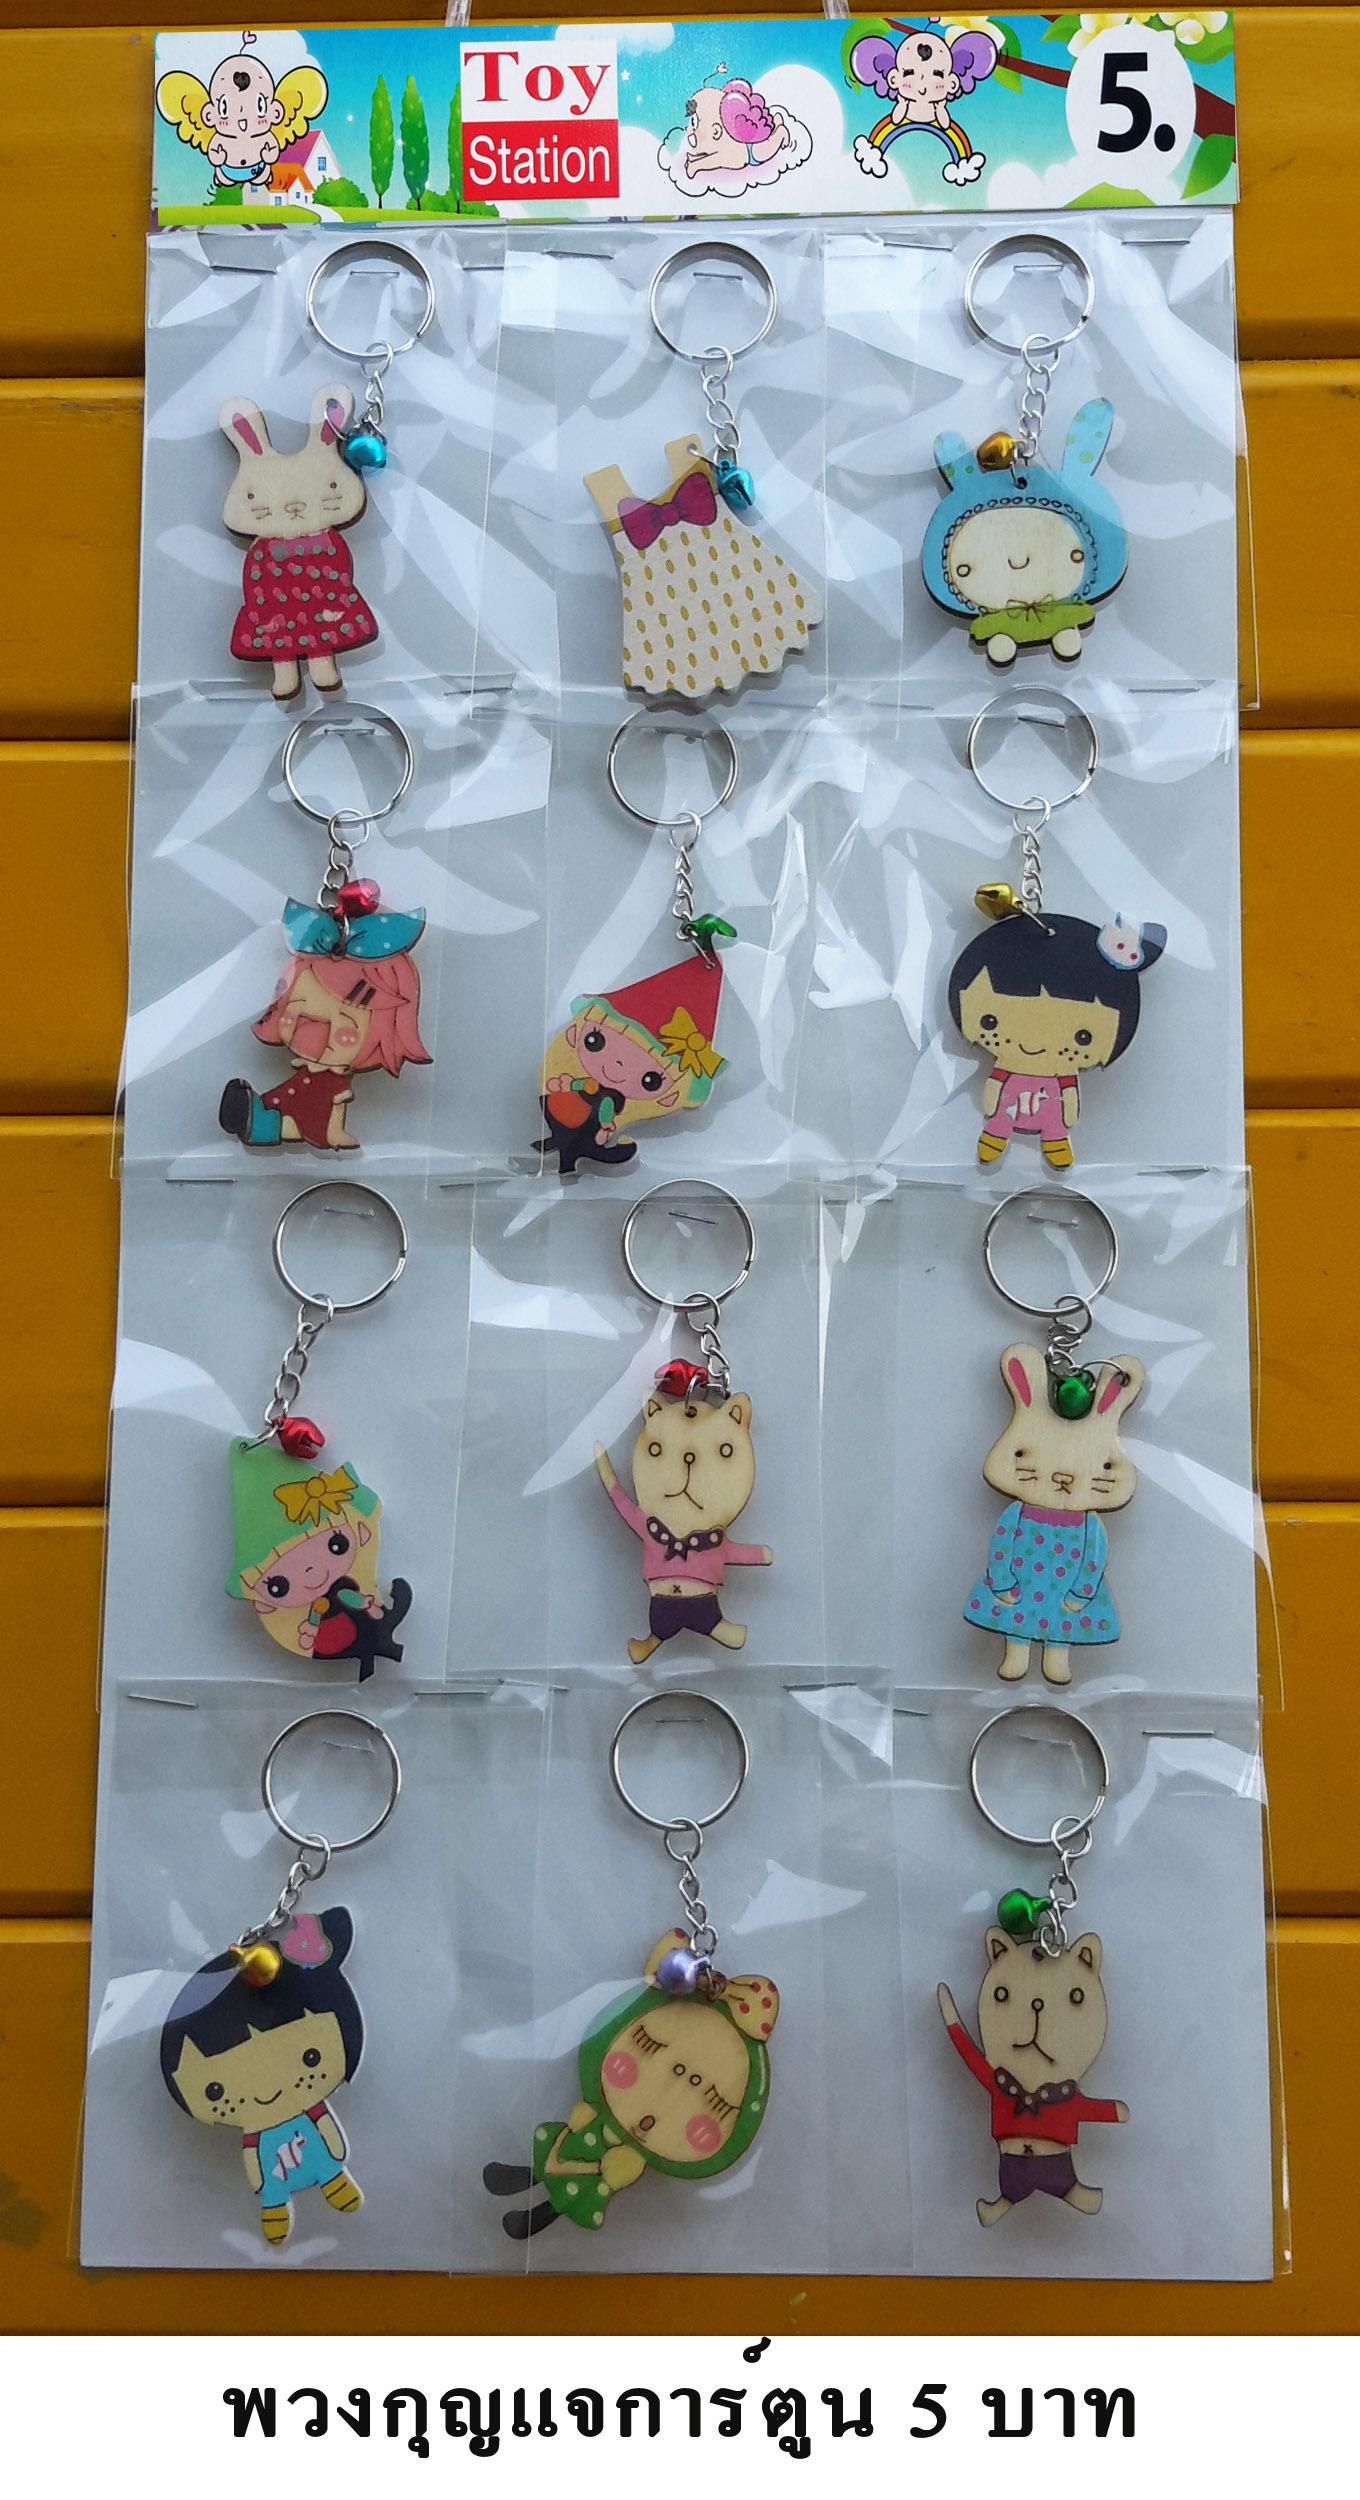 พวงกุญแจตุ๊กตา (ราคาสินค้าต่อแผง)